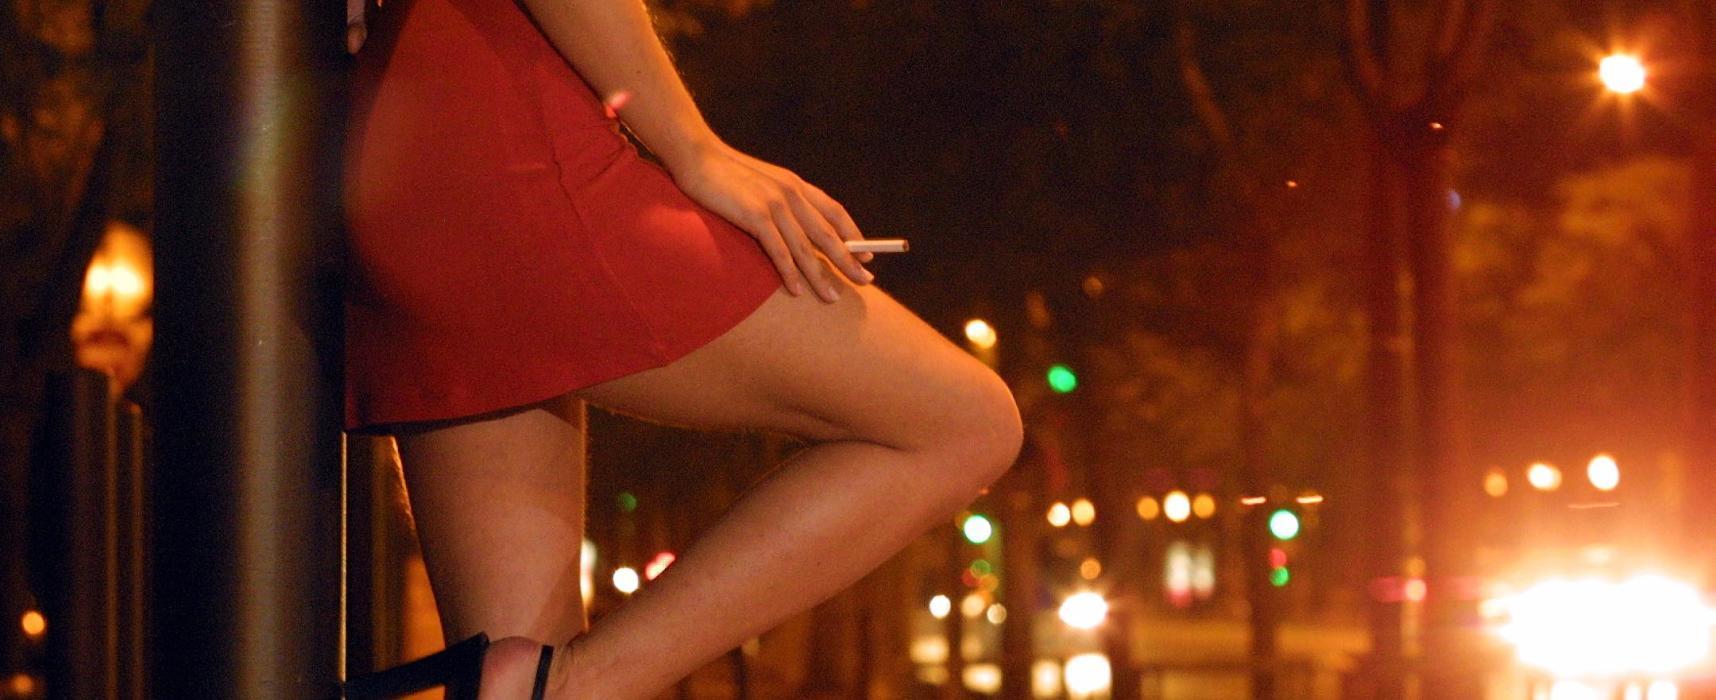 Gli italiani spendono 20 MILIARDI in droga e prostituzione: PERCHE' NON TASSARLI?